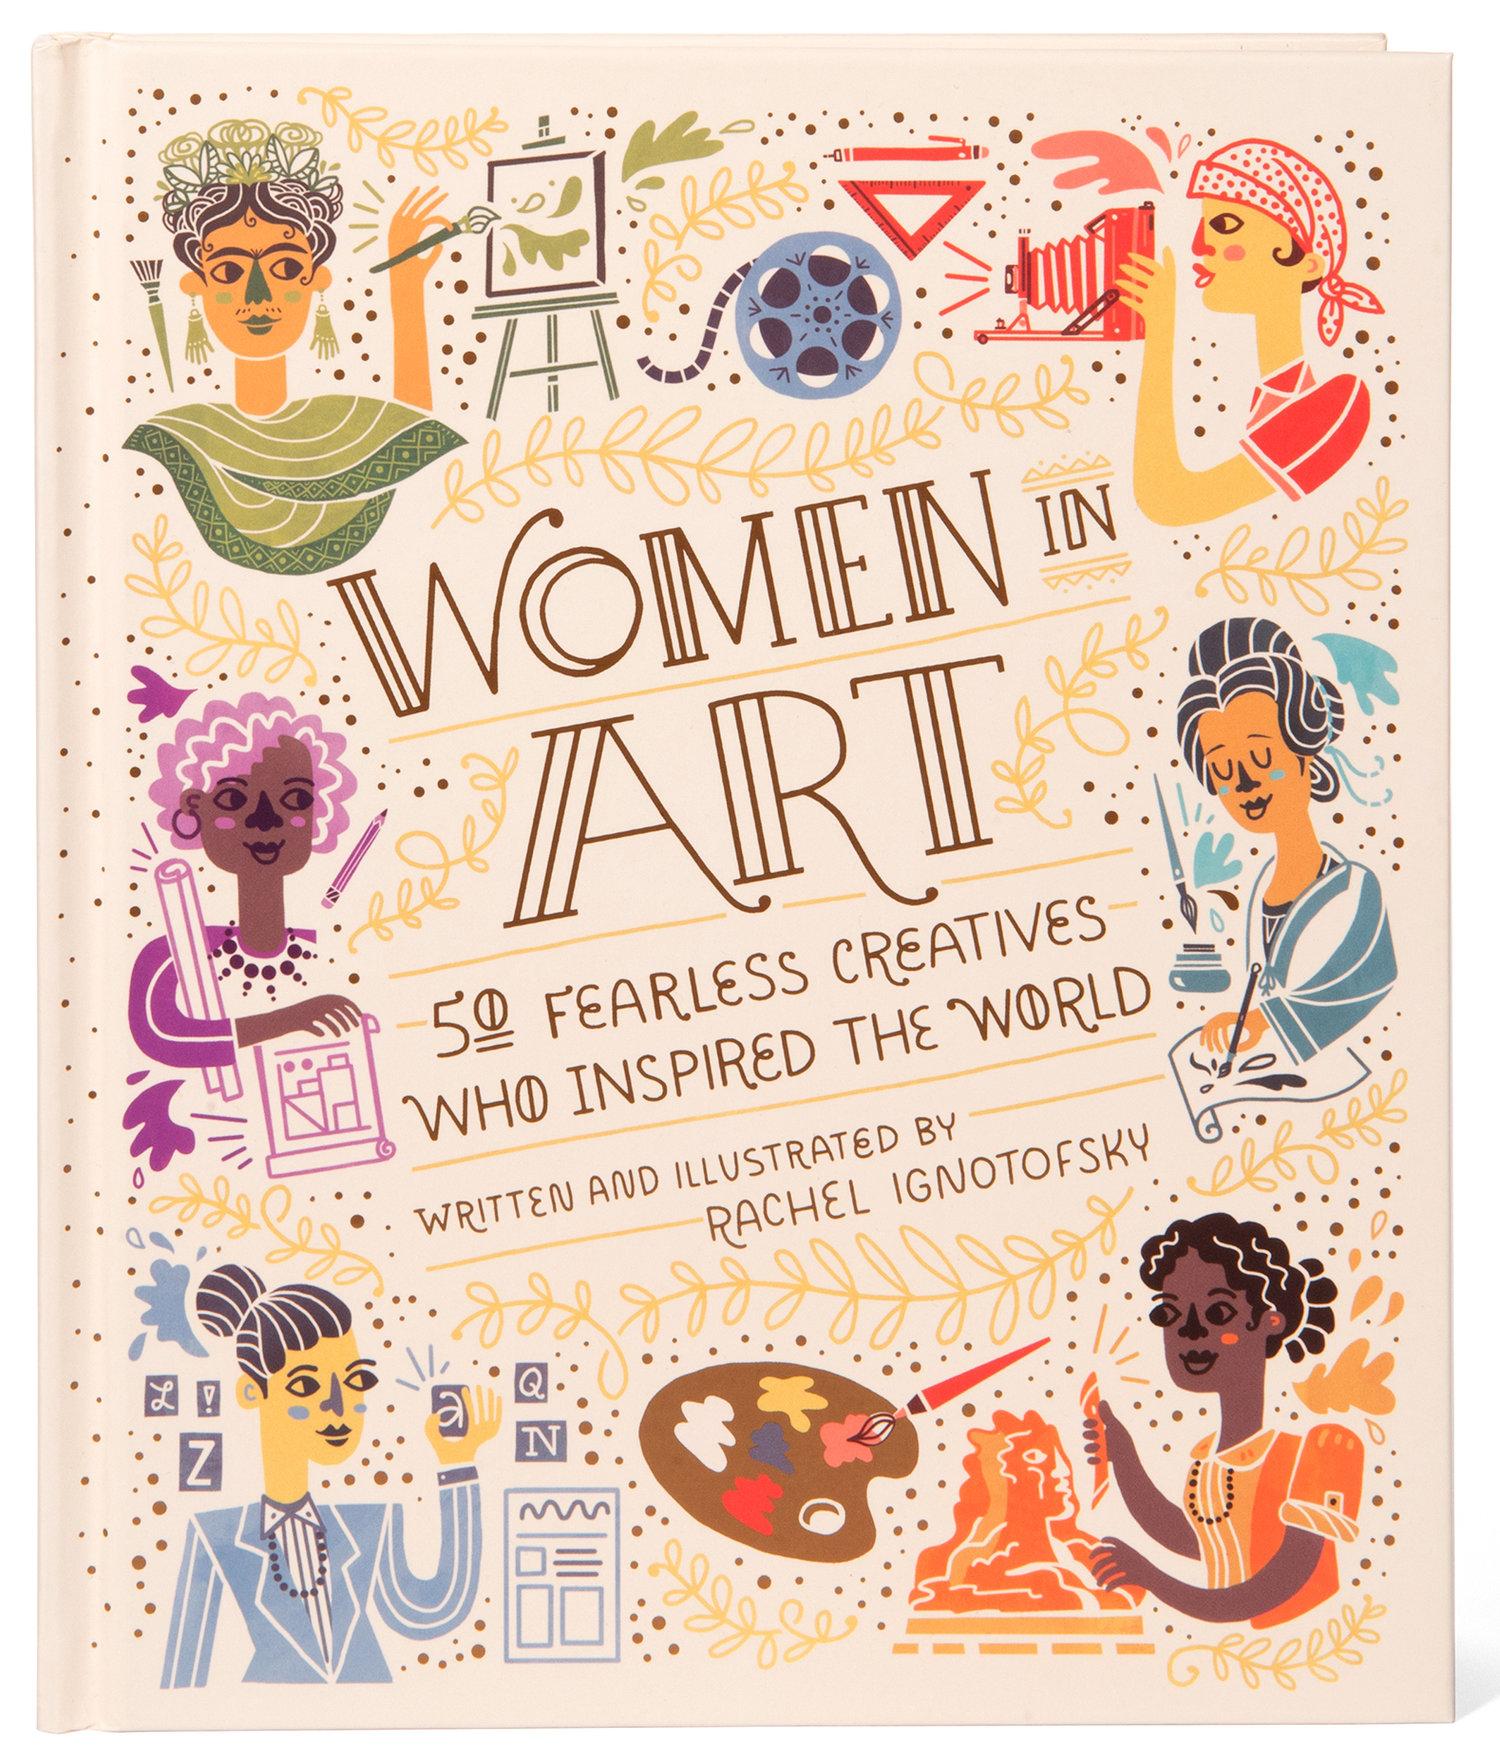 women+in+art+low+rez+photonew-2.jpg